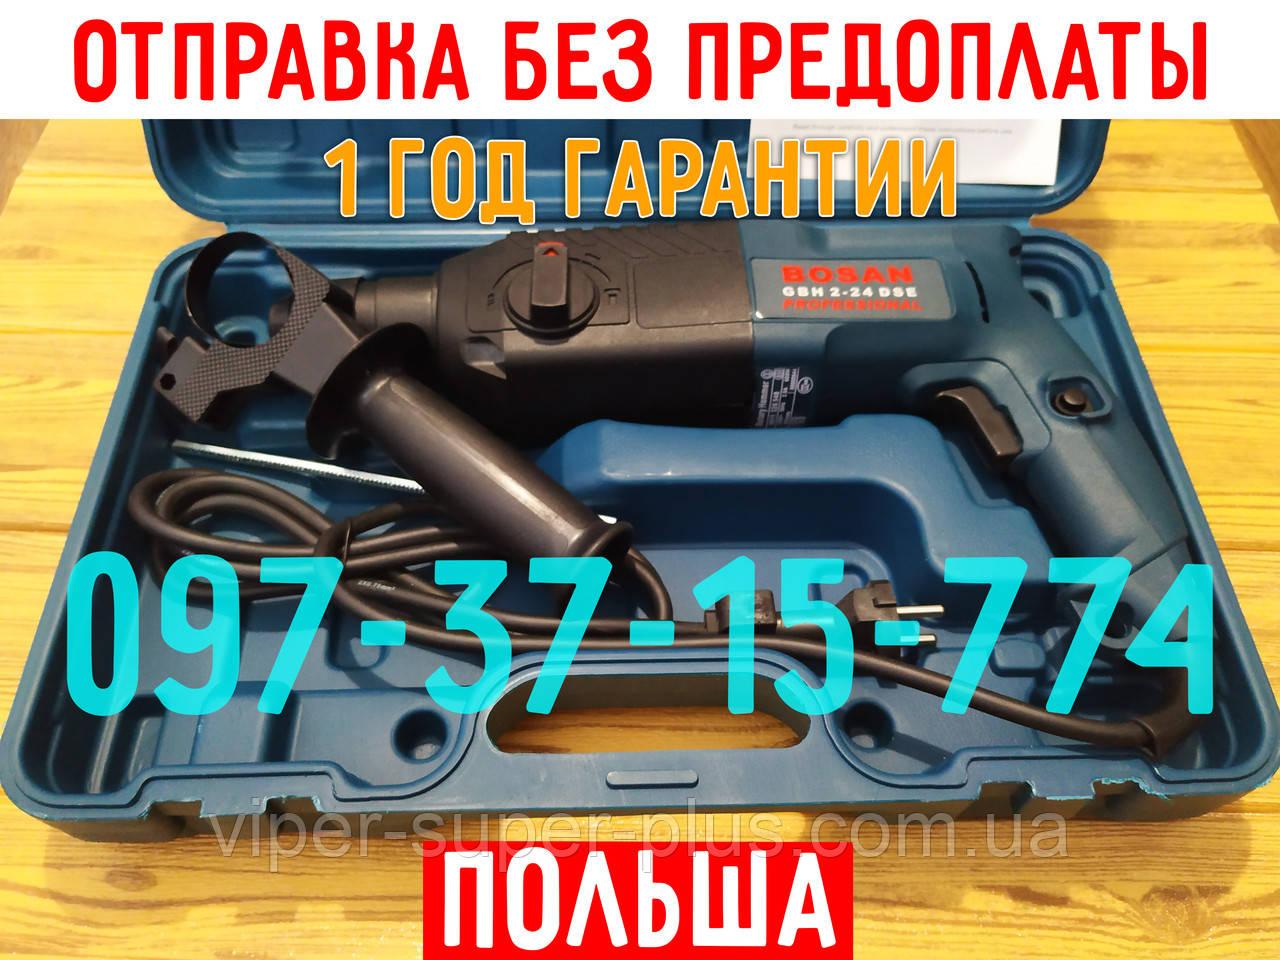 Электрический Перфоратор Bosan GBH2-24    Кейс   ПОЛЬША   Перфоратор Бошун ГБХ2-24 680W